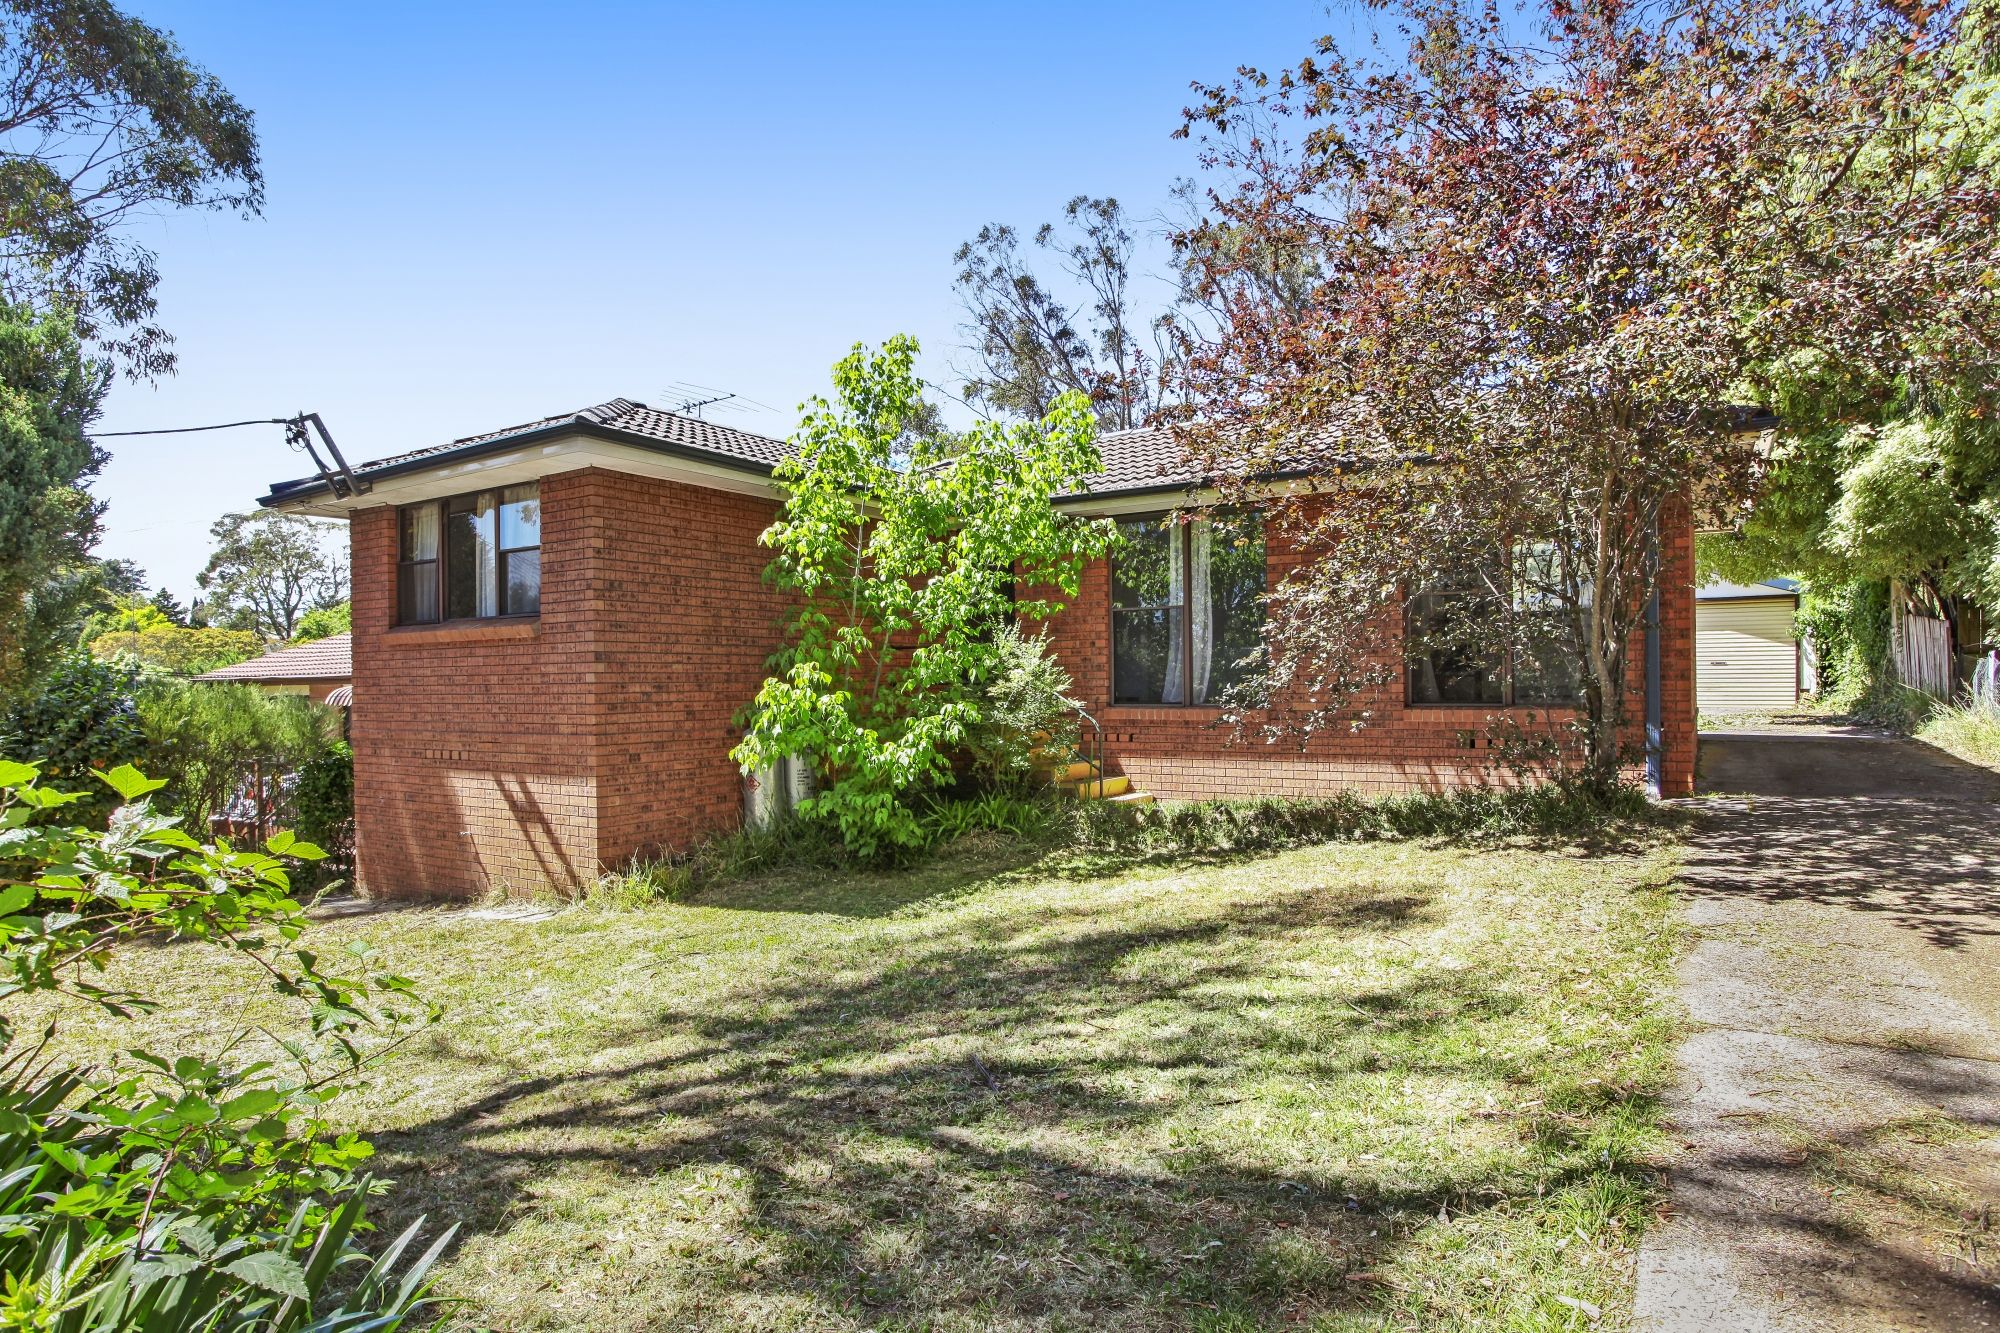 82 Rupert Street Katoomba 2780